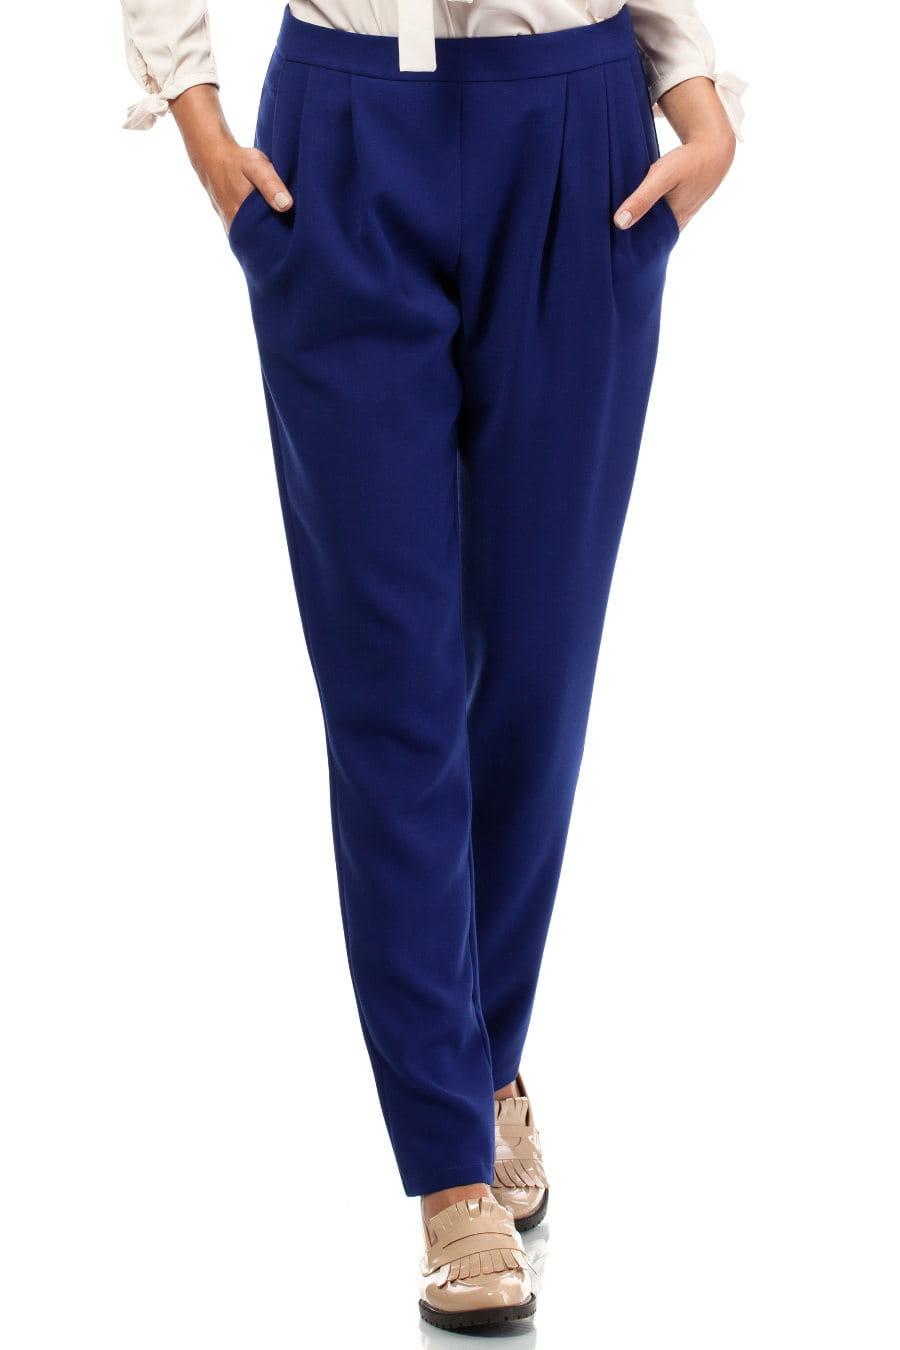 Spodnie damskie to temat, o którym można byłoby napisać encyklopedię mody. Co więcej, obecne trendy skończyły z jednoznaczną klasyfikacją spodni na eleganckie i casualowe. Wiele z nas uwielbia przecież łączyć klasyczne jeansy z tunikami, alladyny ze szpilkami, czy cygaretki ze sneakersami.